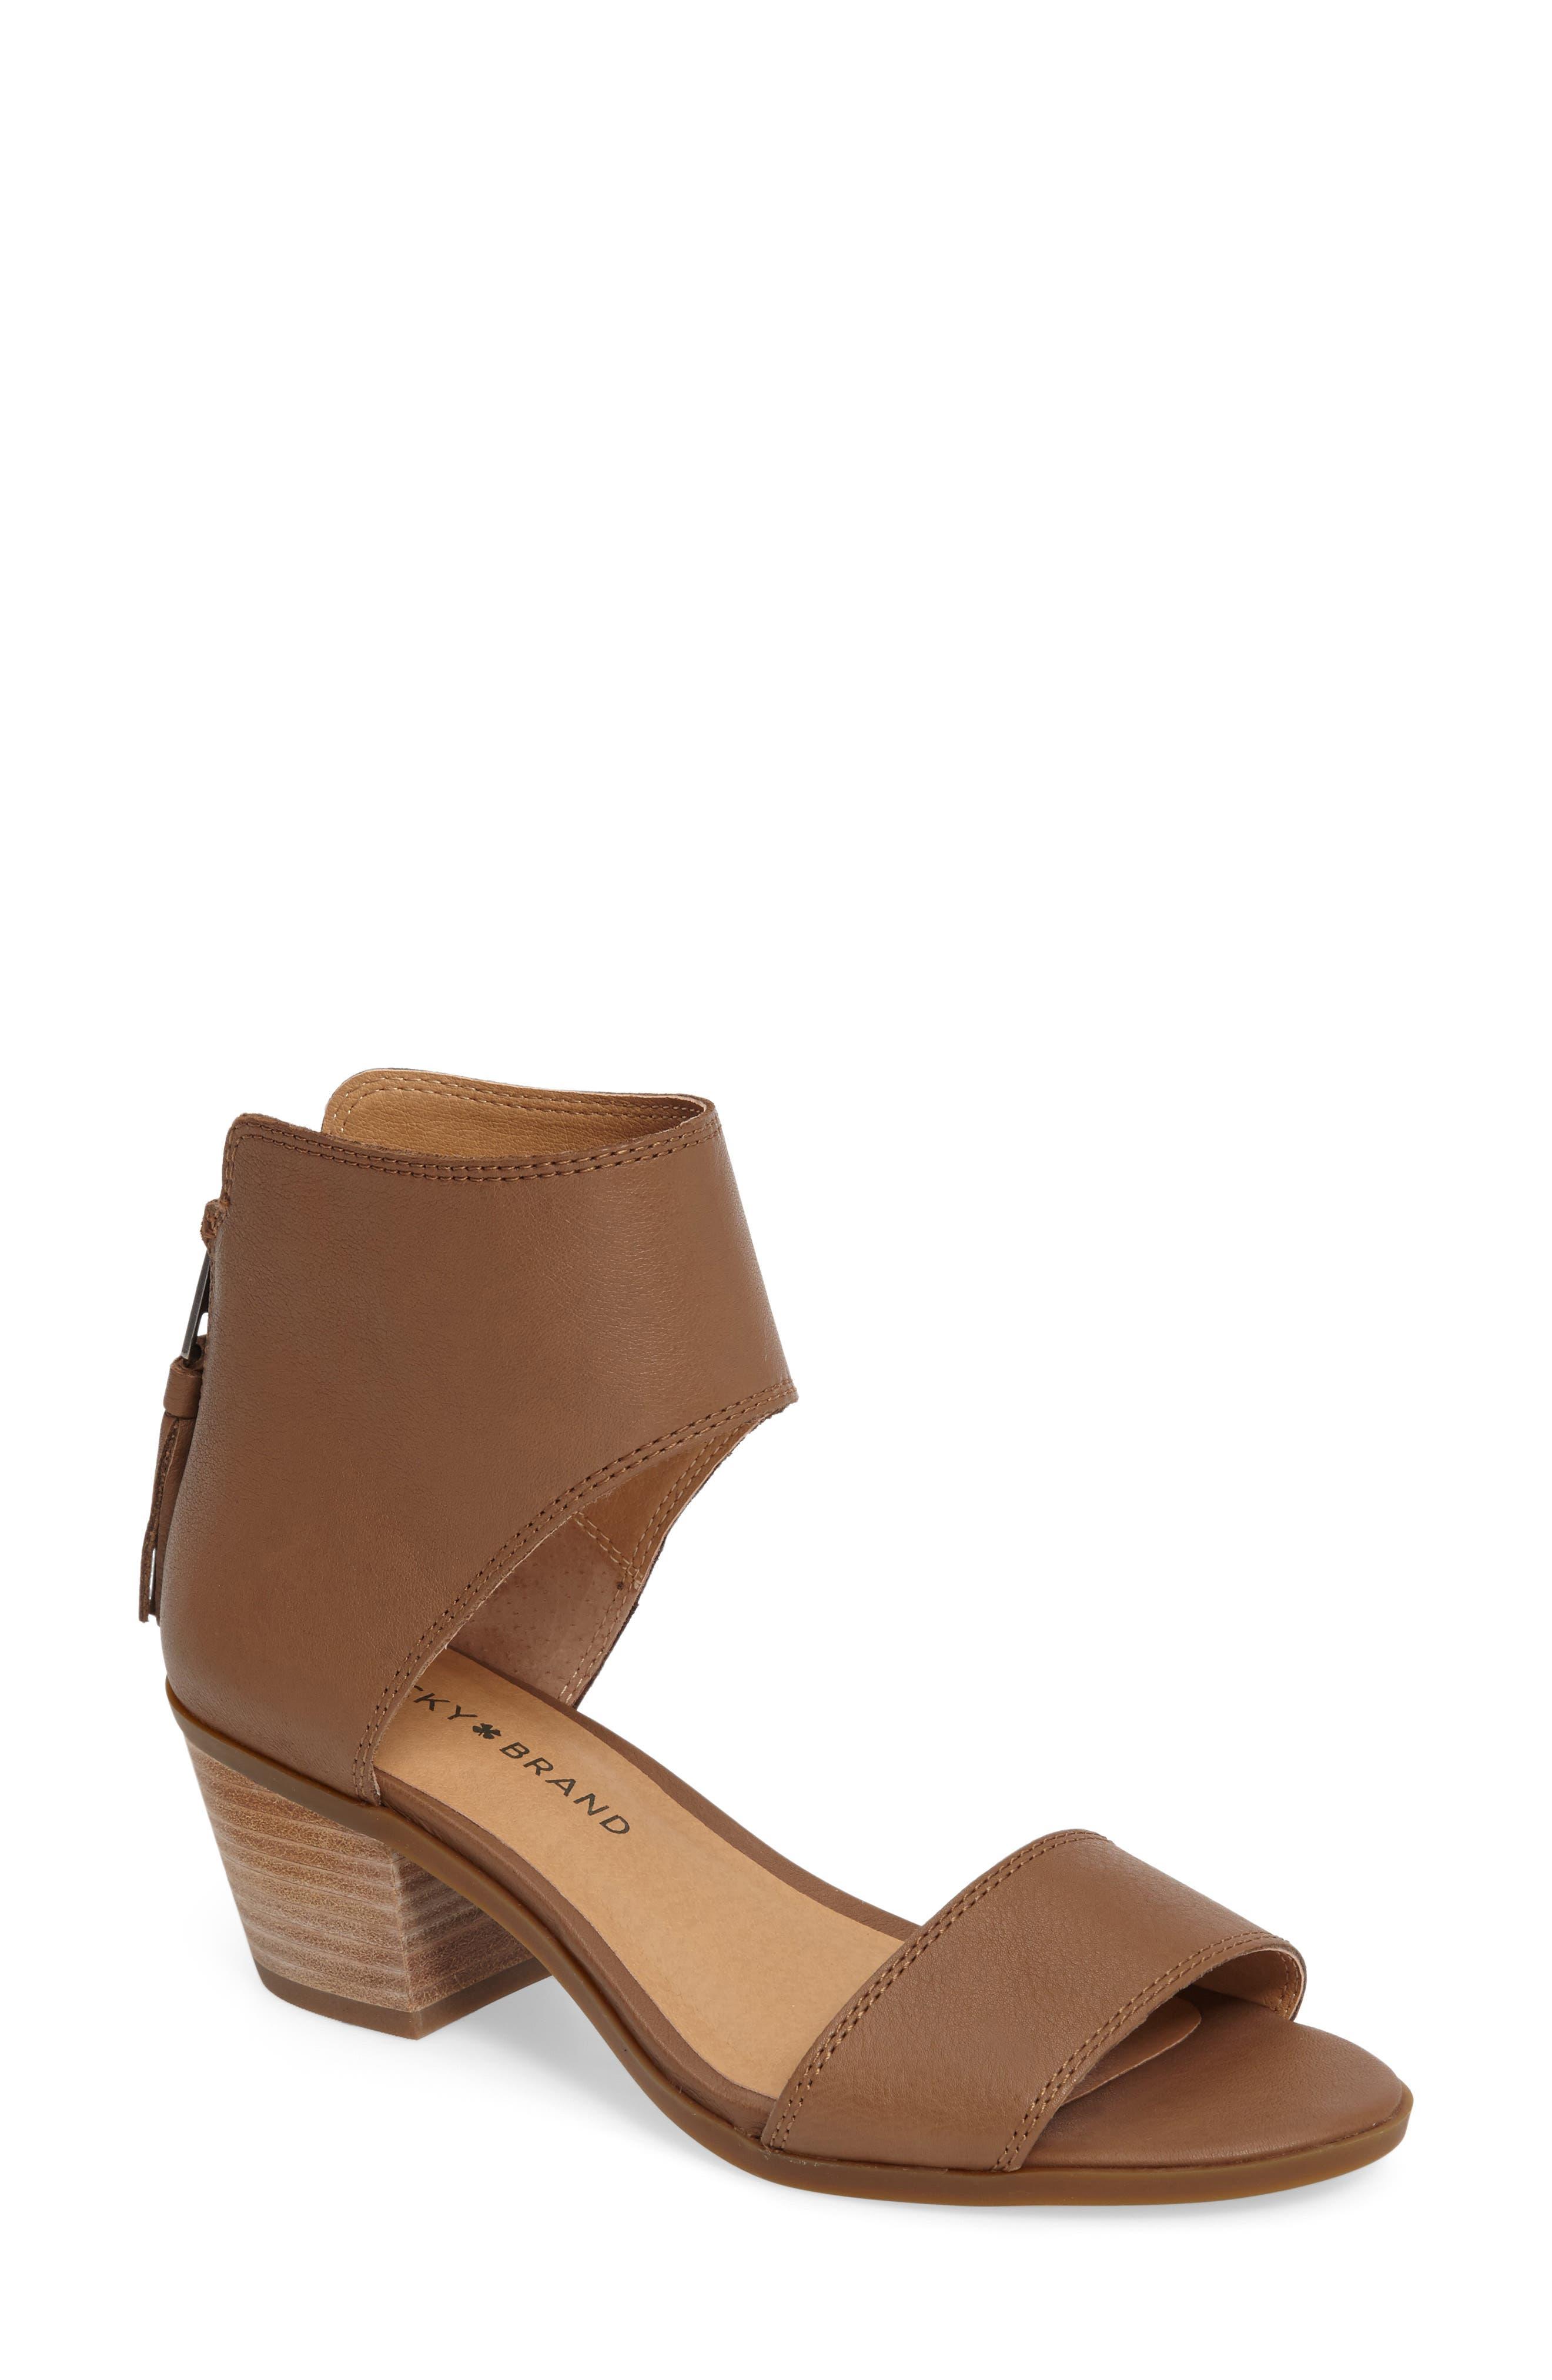 Alternate Image 1 Selected - Lucky Brand Barbina Sandal (Women)